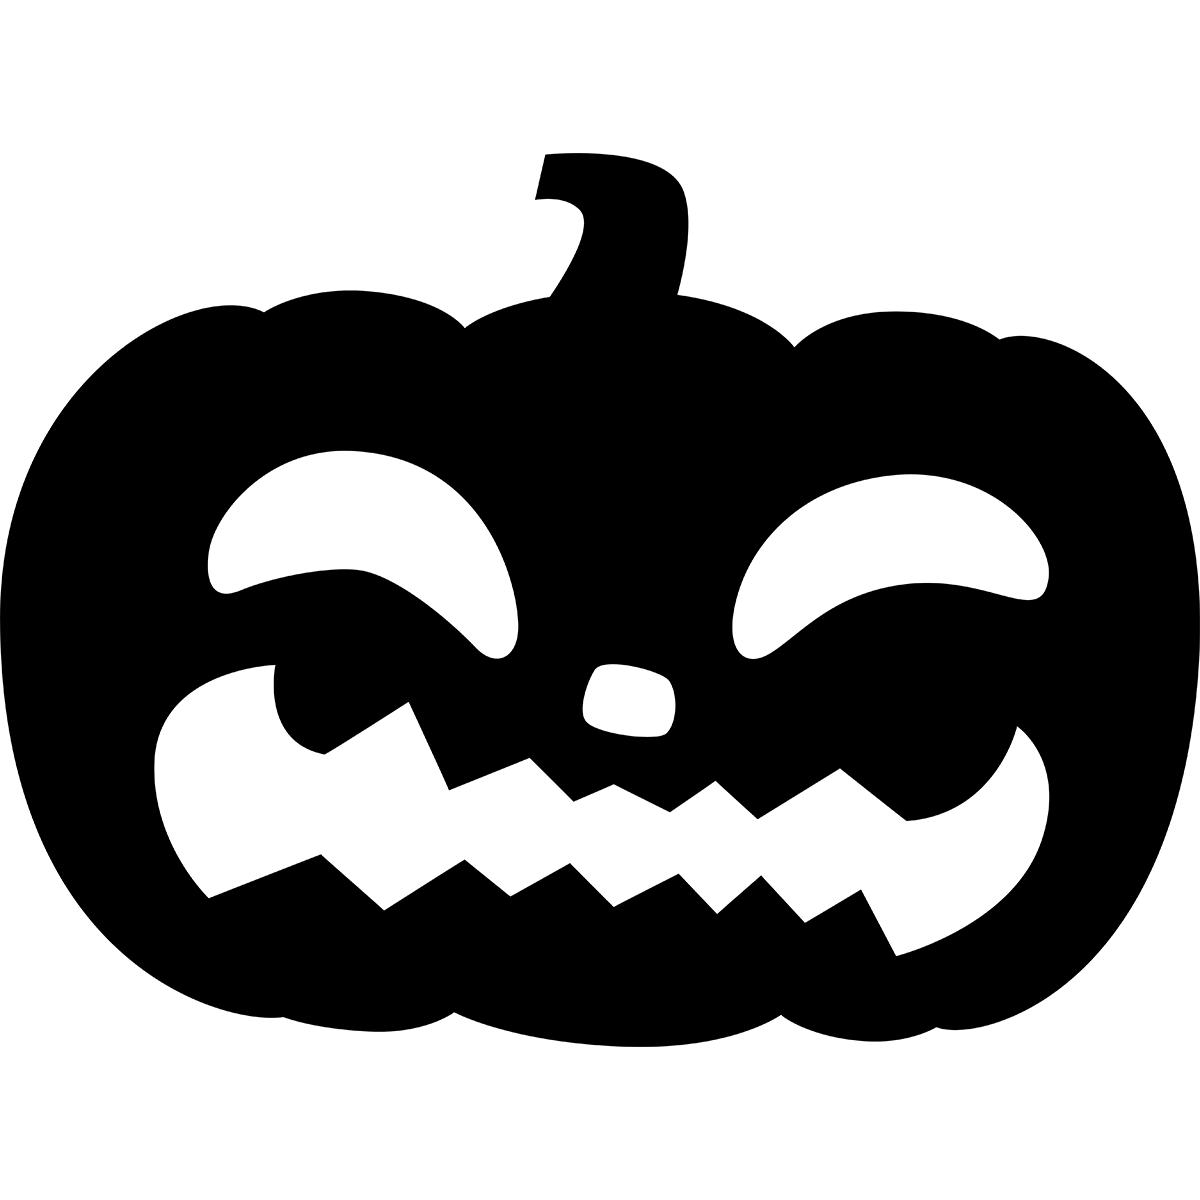 ハロウィンかぼちゃ(シルエット/平たい)の無料イラスト